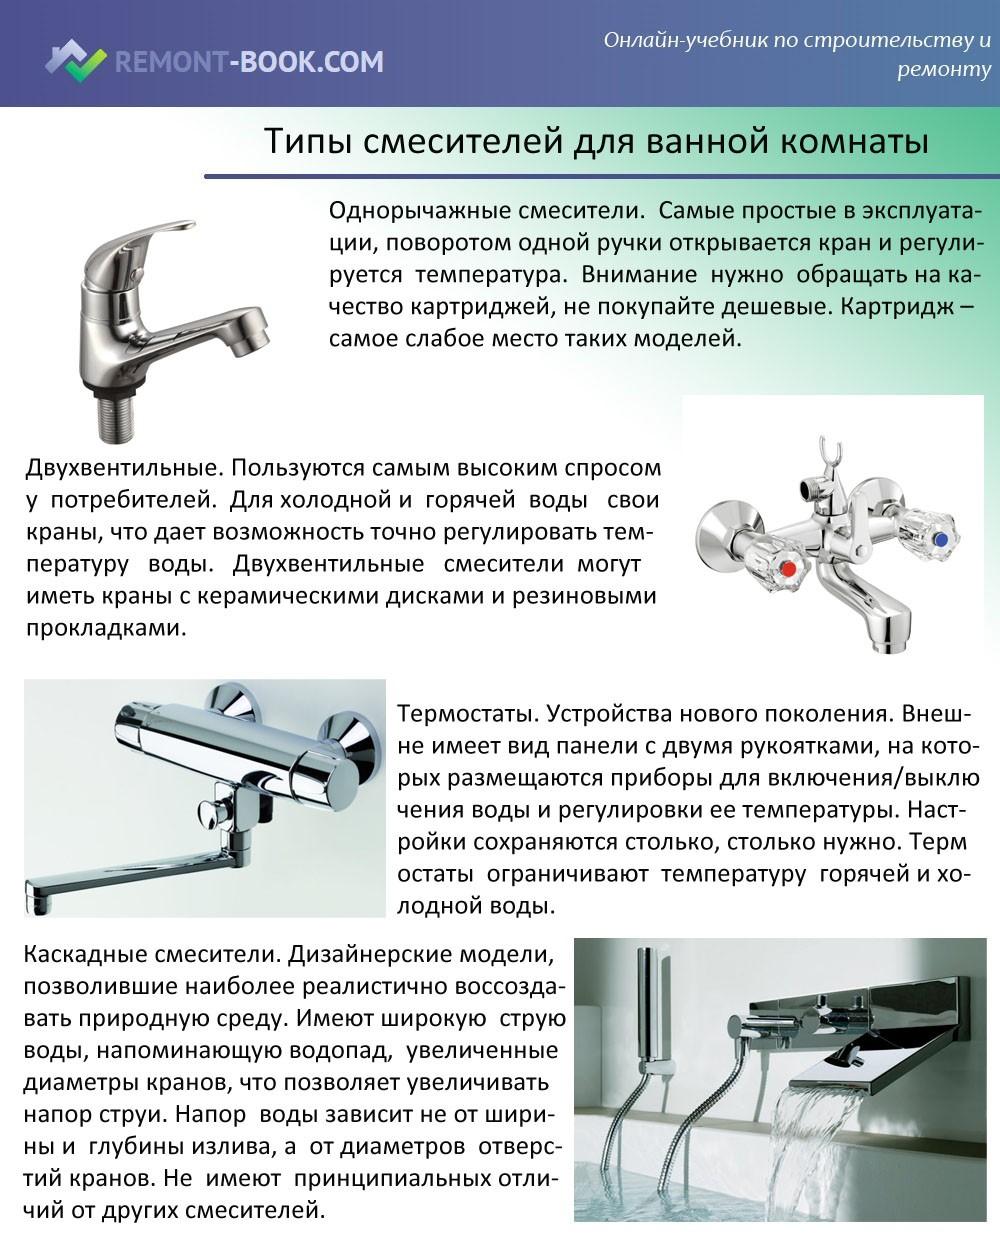 Типы смесителей для ванной комнаты